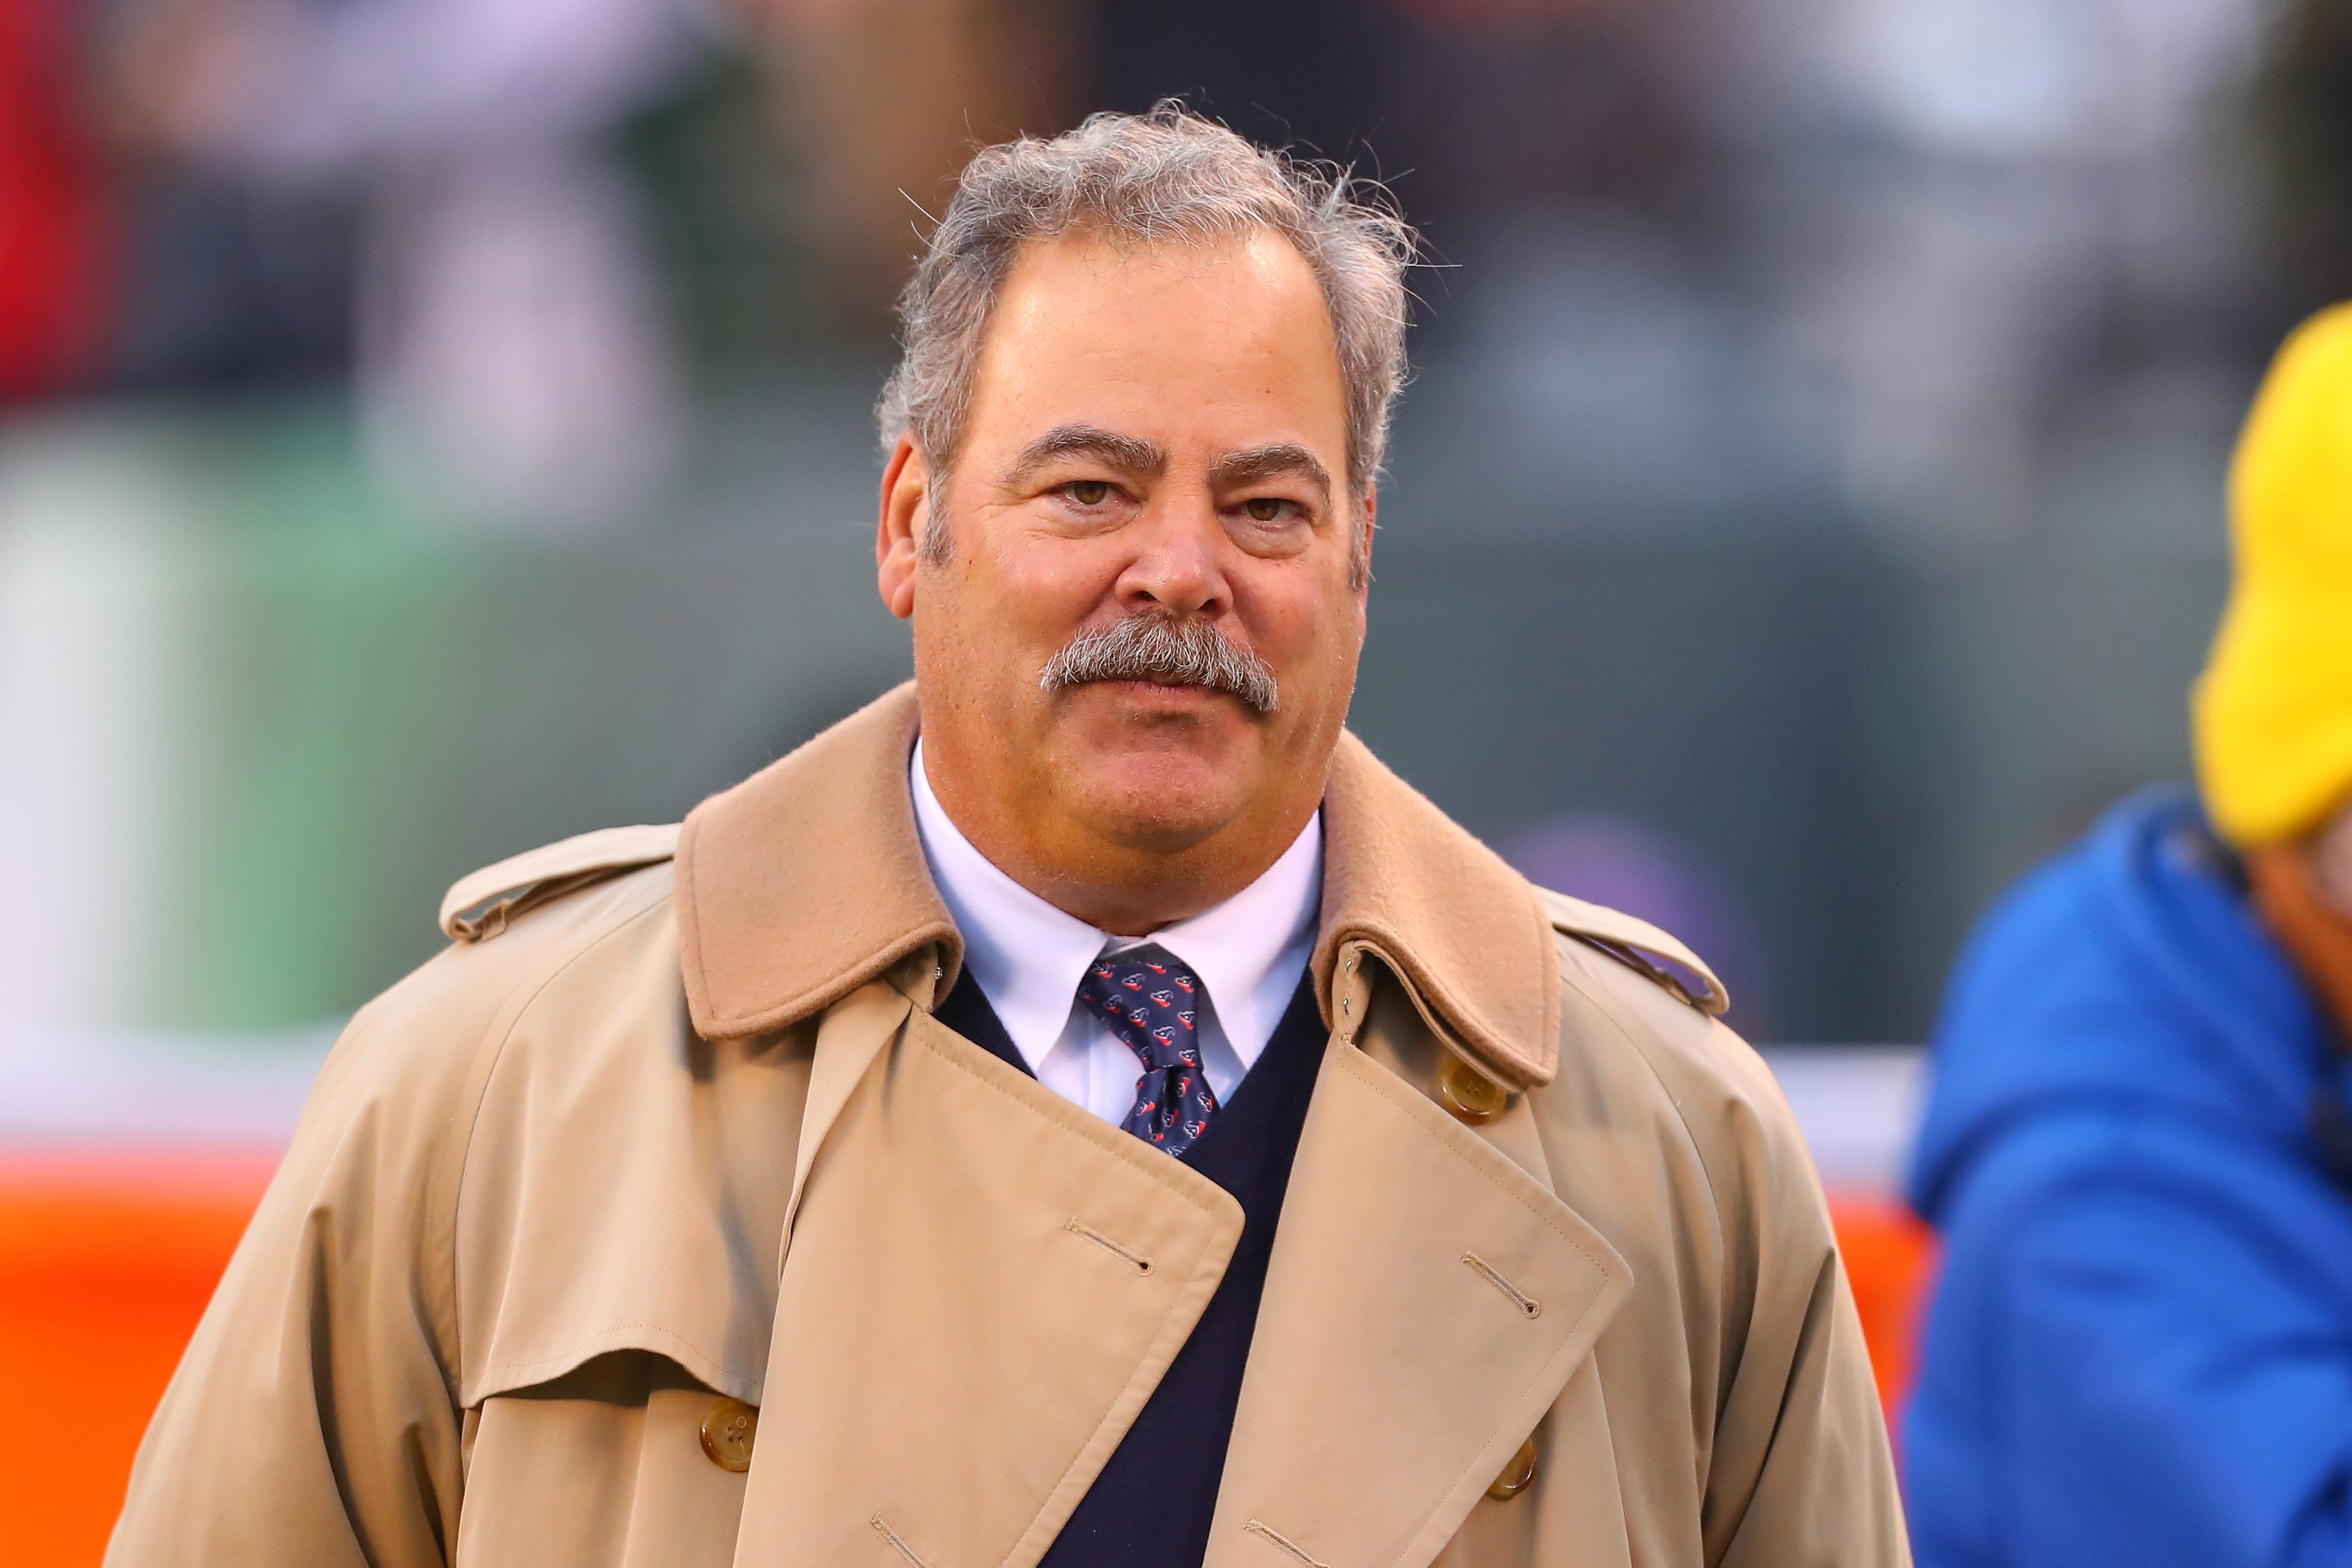 NFL: DEC 15 Texans at Jets